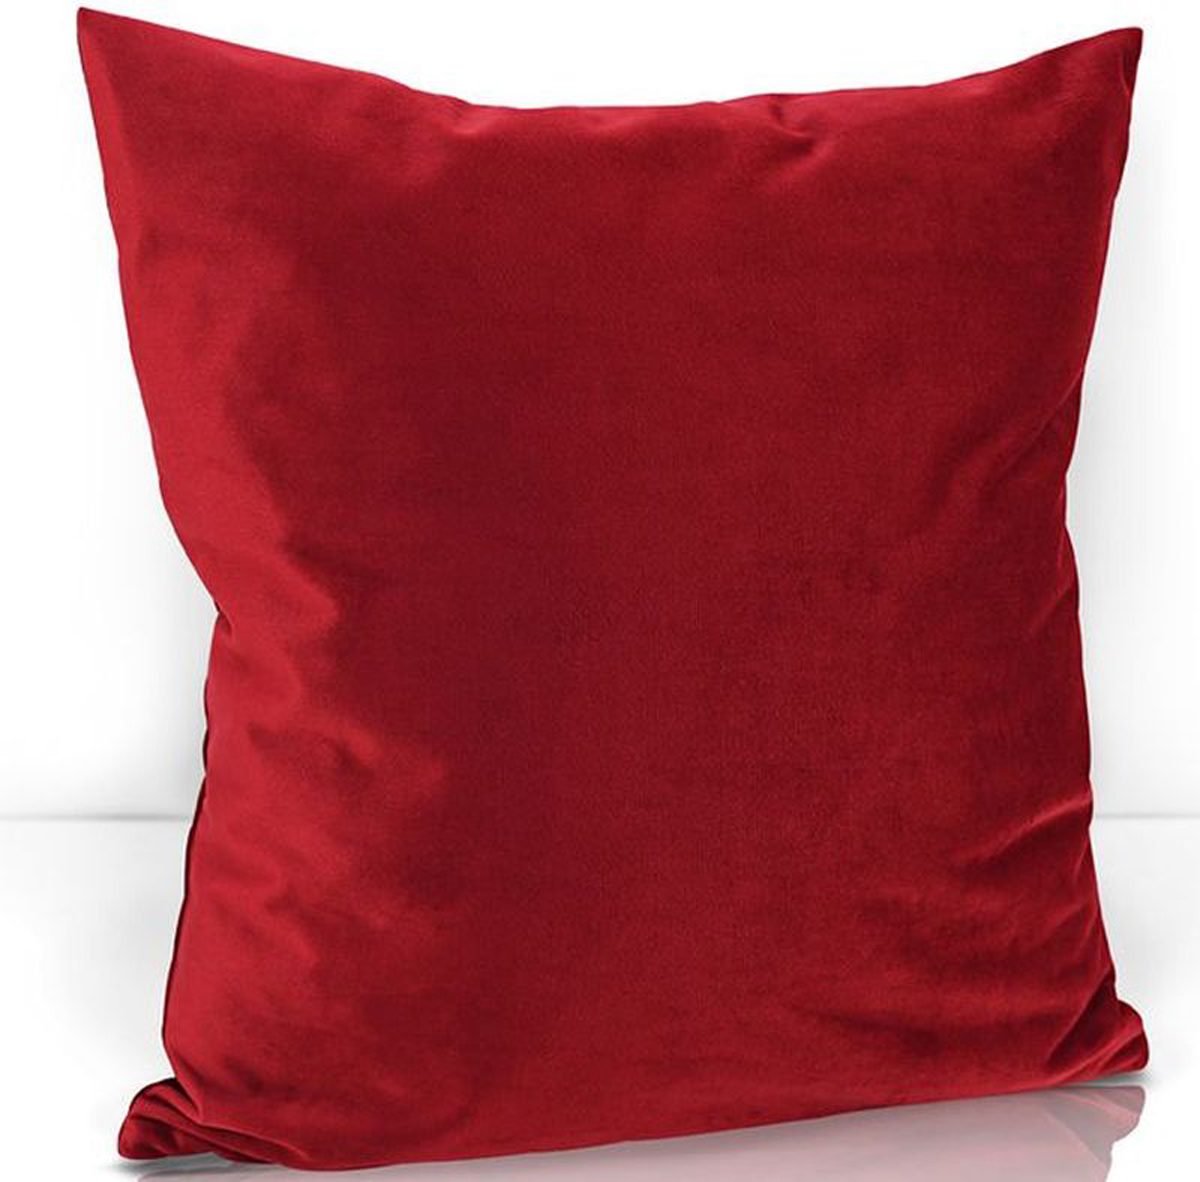 Подушка декоративная KauffOrt Велюр, цвет: красный, 40 х 40 см3122202670Декоративная подушка KauffOrt Велюр прекрасно дополнит интерьер спальни или гостиной. Чехол подушки выполнен из велюра. Внутри находится мягкий наполнитель - холлофайбер. Чехол легко снимается благодаря потайной молнии. С ее помощью, вы сможете подчеркнуть общее стилистическое решение комнаты и грамотно расставить цветовые акценты. Дополните ваш диван или кровать этой подушкой, и привычная мебель станет еще уютнее, чем раньше. При этом такое изделие может стать хорошим подарком близкому человеку. Размер: 40 х 40 см.